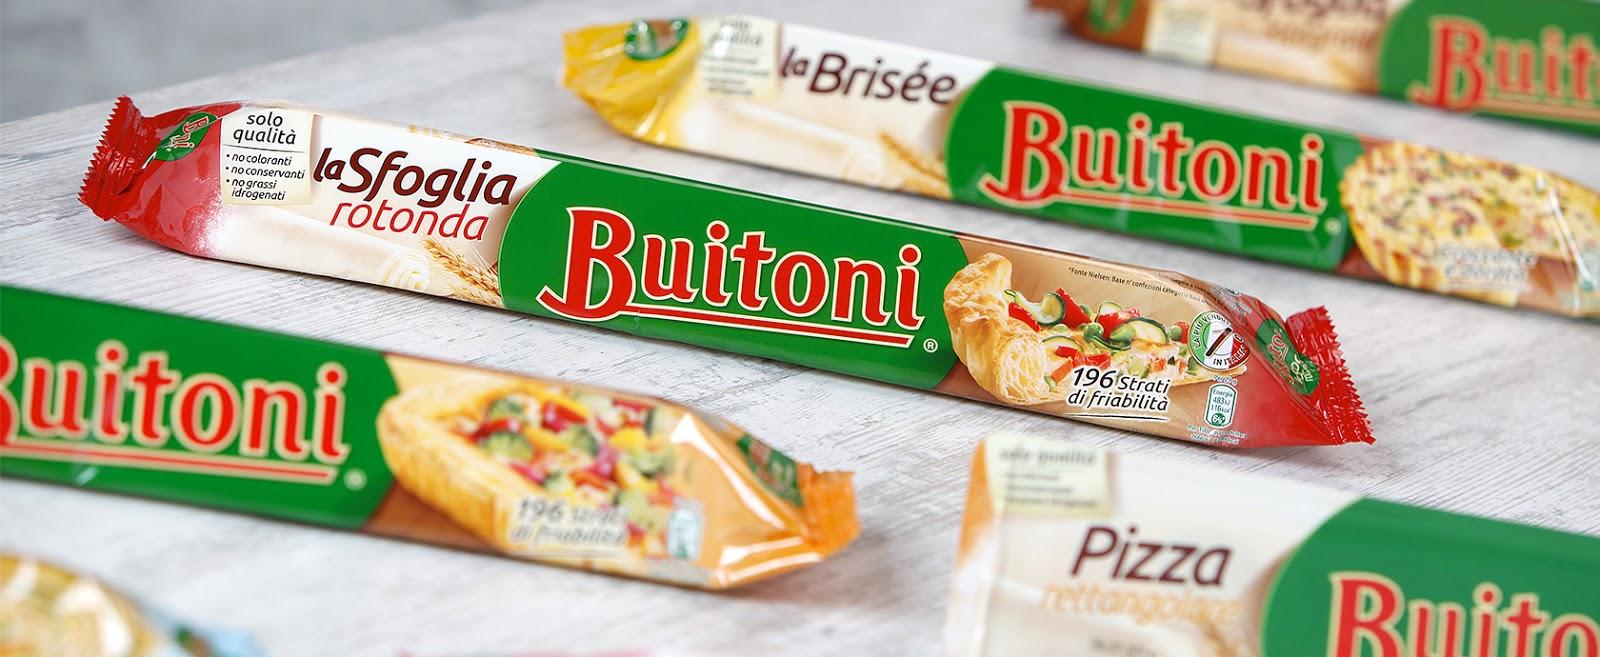 Canzone Buitoni Pizza Pubblicità | Musica spot Settembre 2016